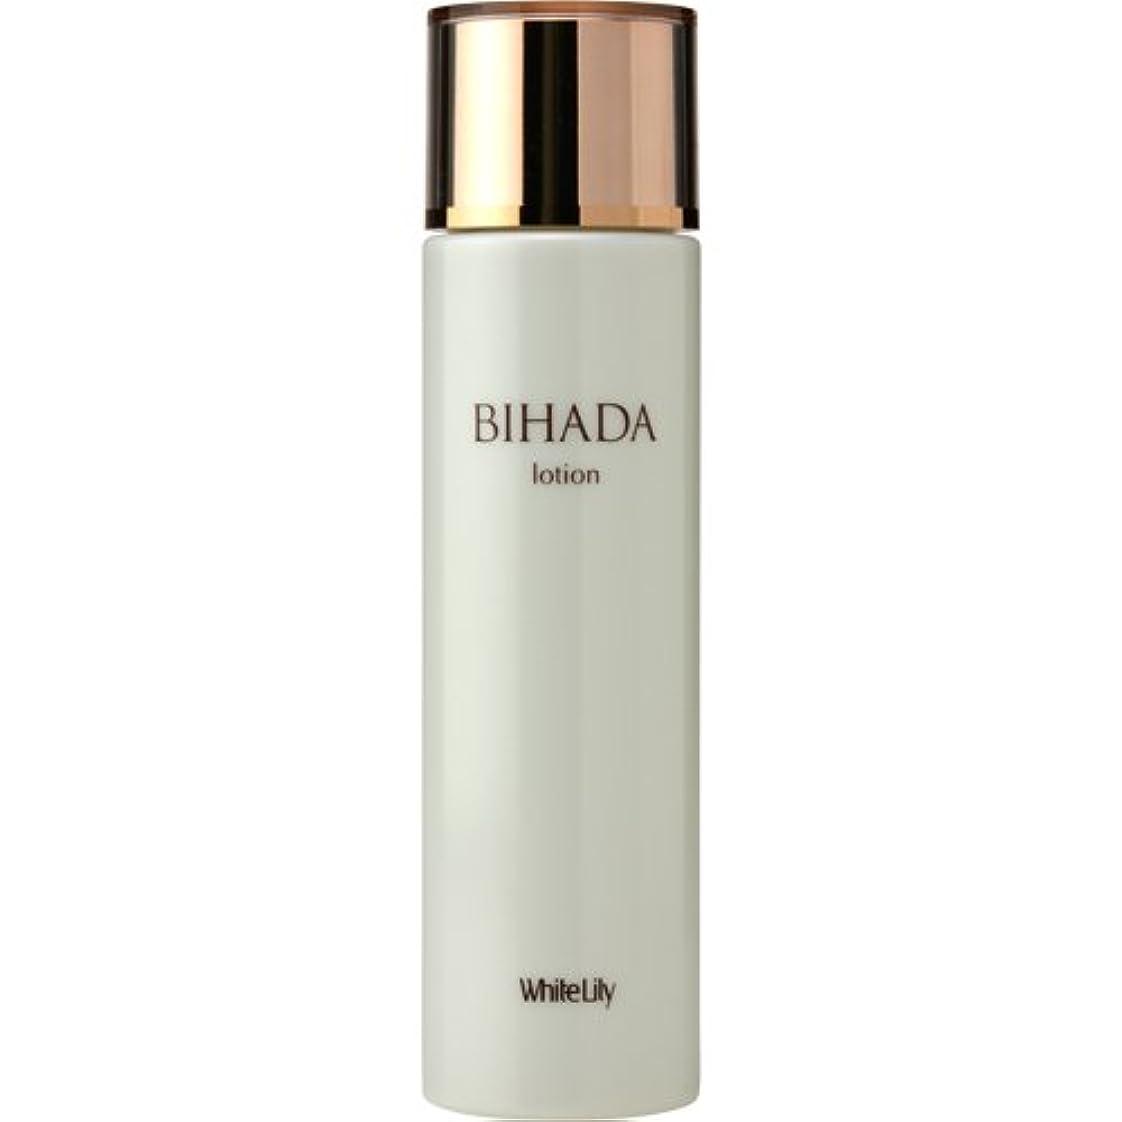 統合する柔らかい足しなやかなホワイトリリー BIHADAローション 155mL 化粧水